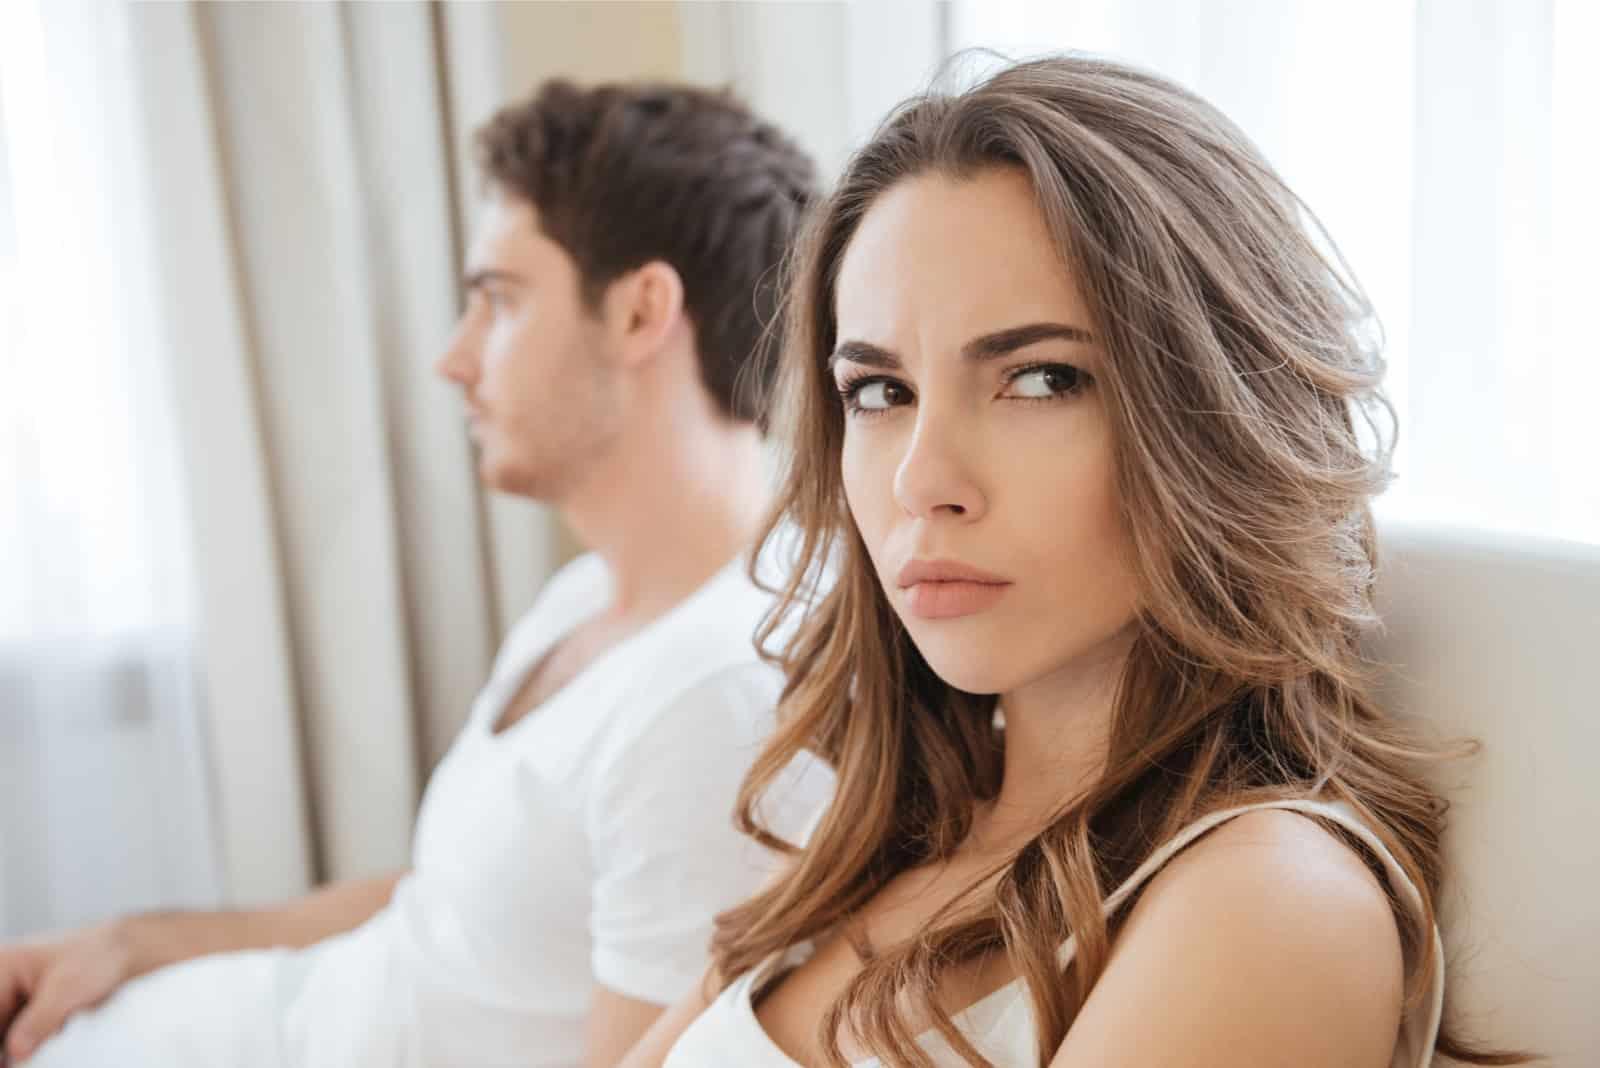 femme en colère avec un haut blanc assise près d'un homme